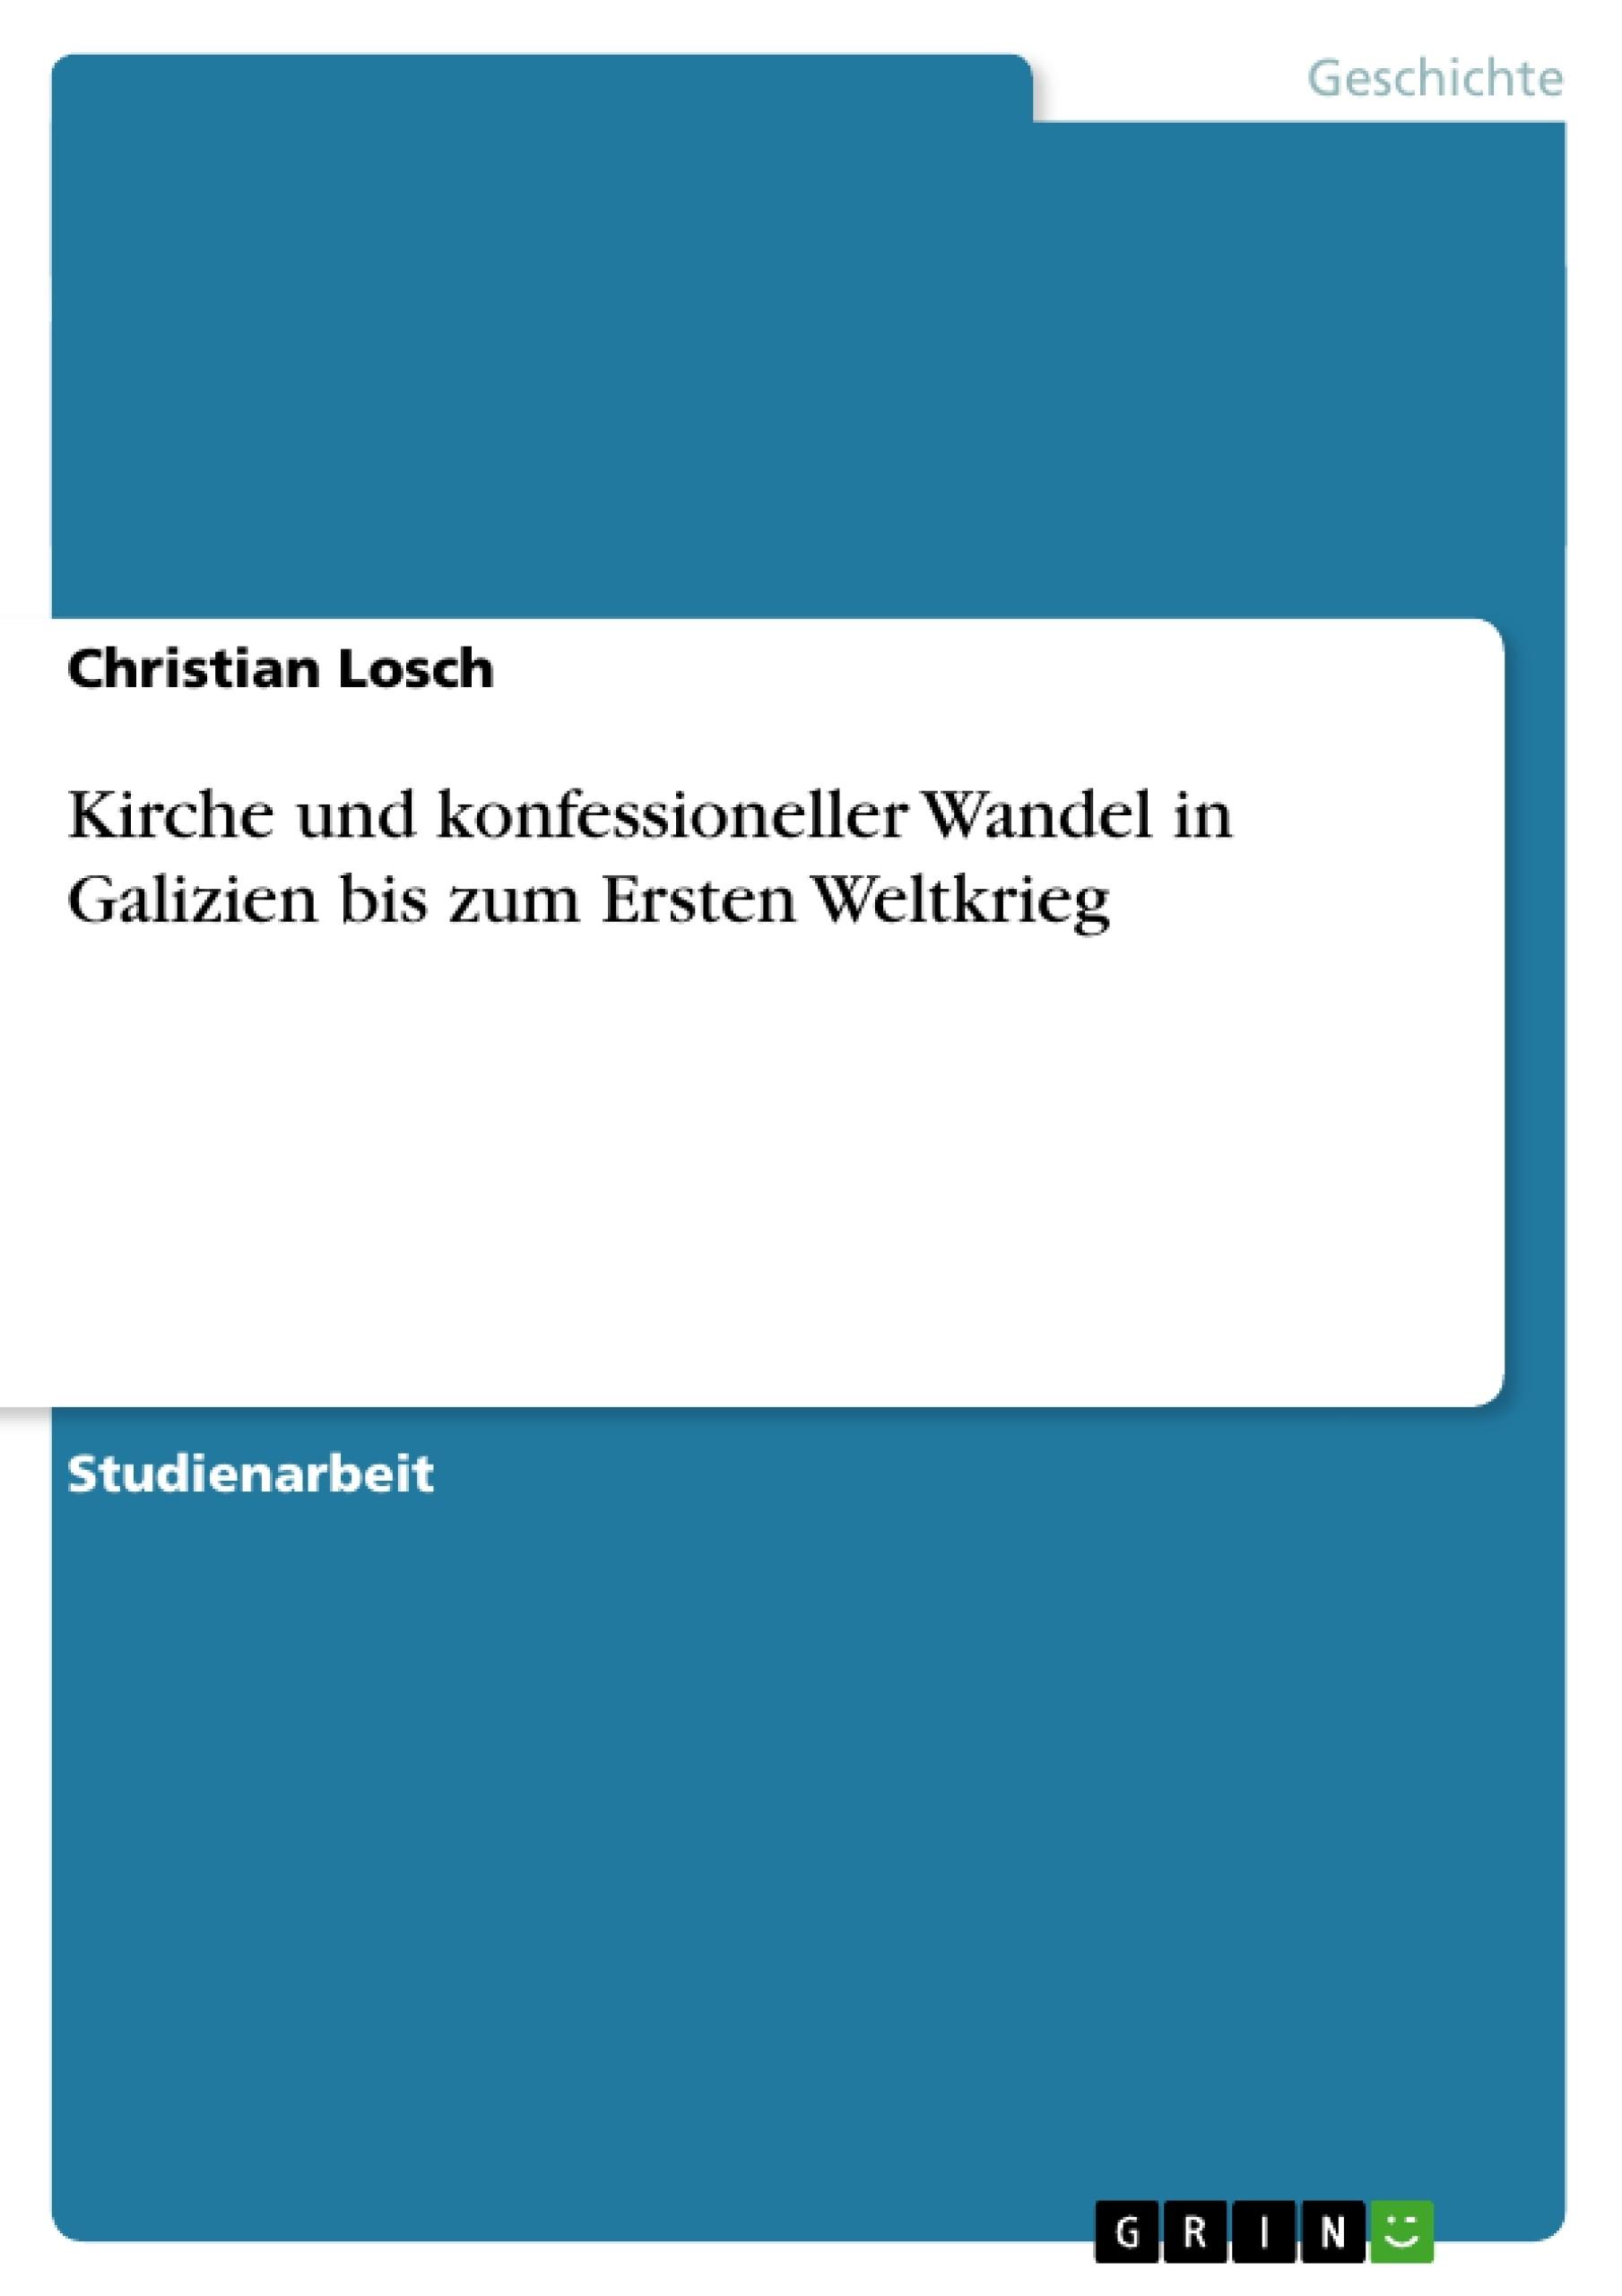 Titel: Kirche und konfessioneller Wandel in Galizien bis zum Ersten Weltkrieg